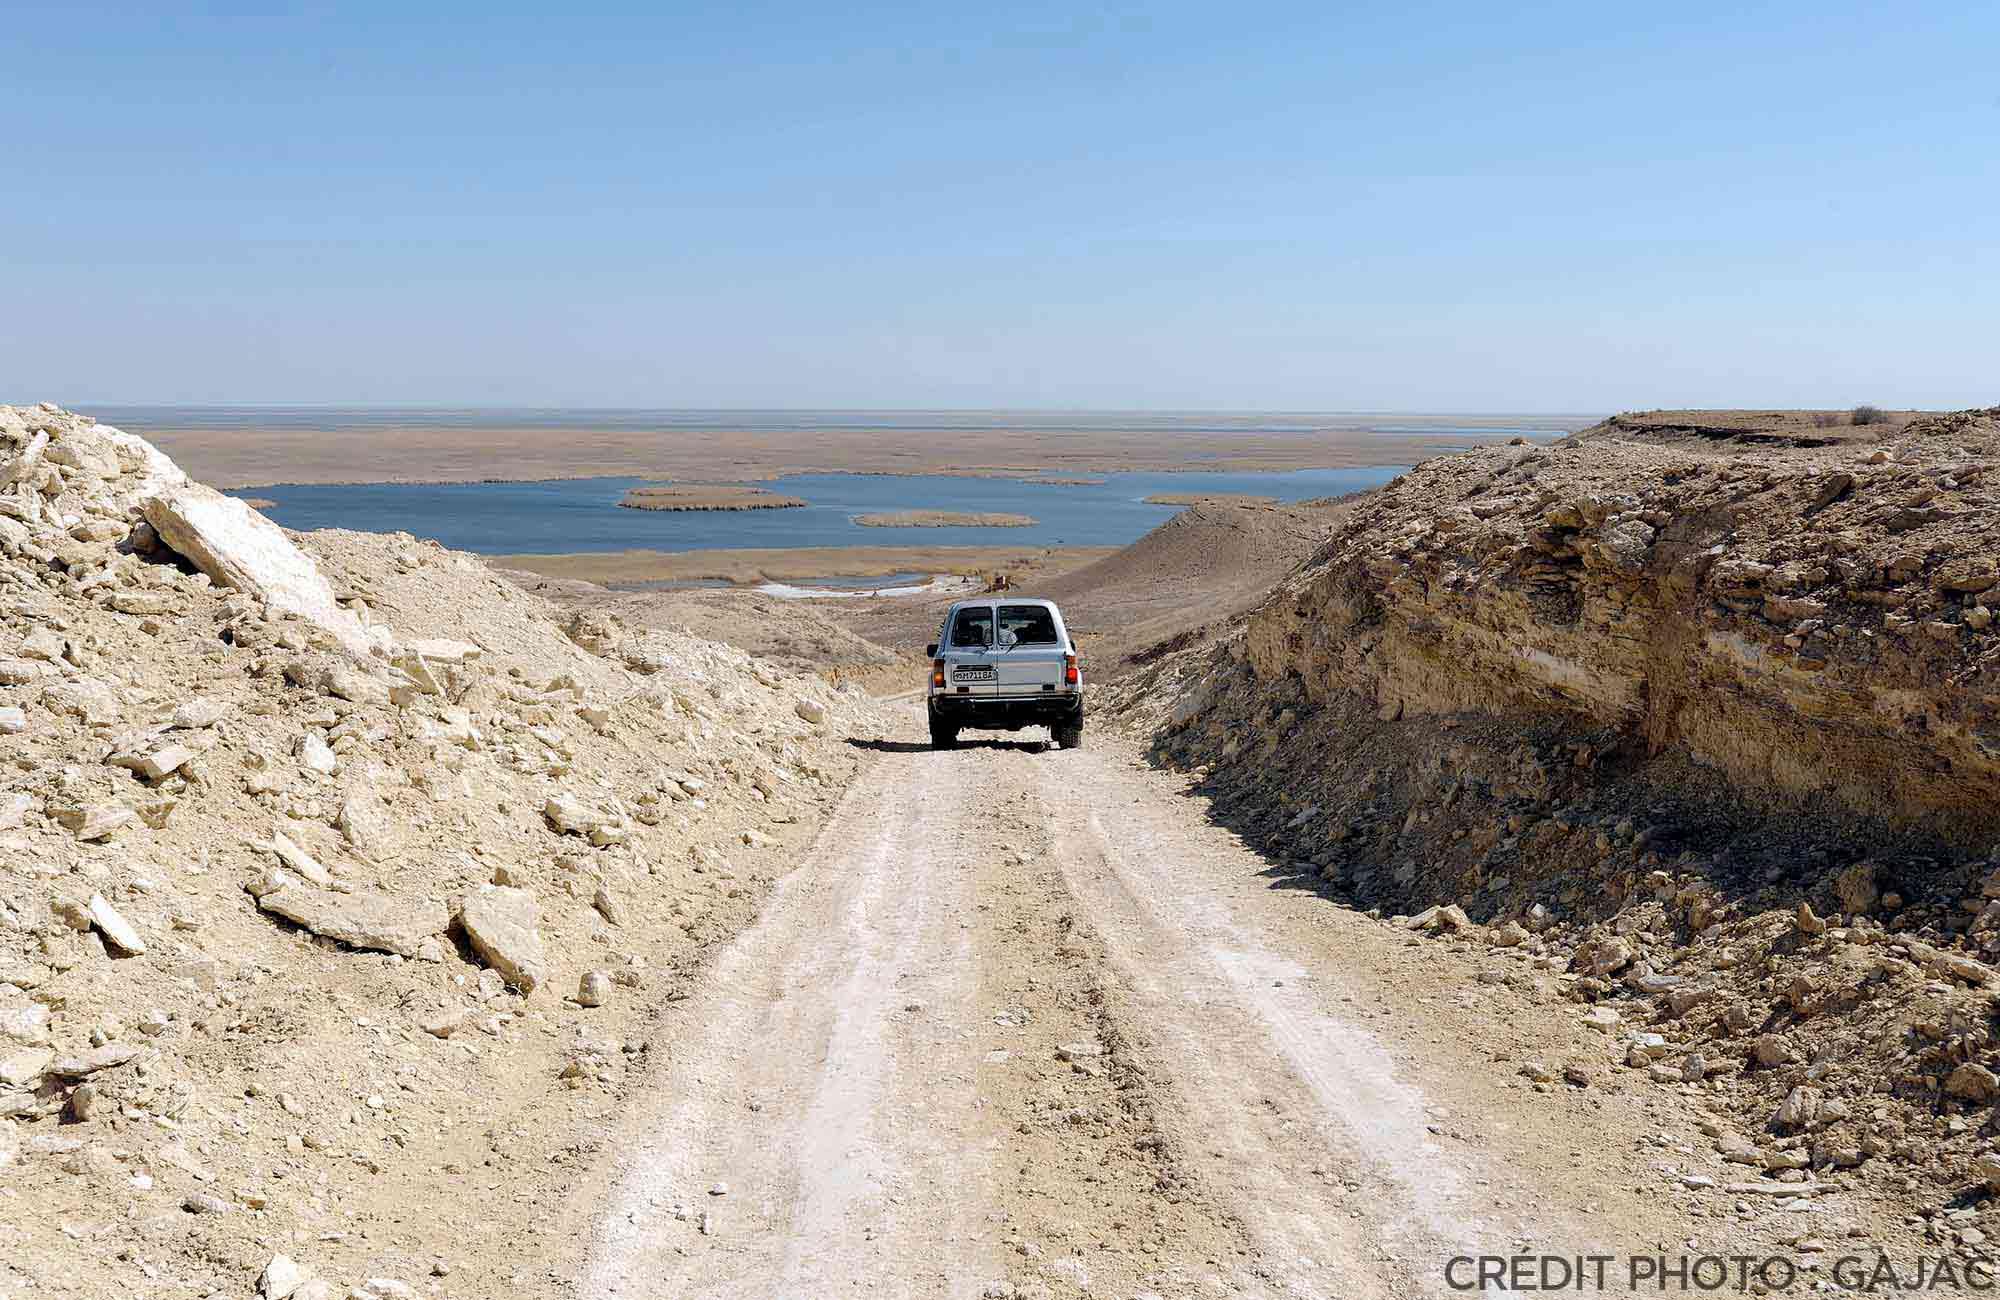 Voyage Ouzbékistan Route de la Soie - Mer d'Aral - Amplitudes